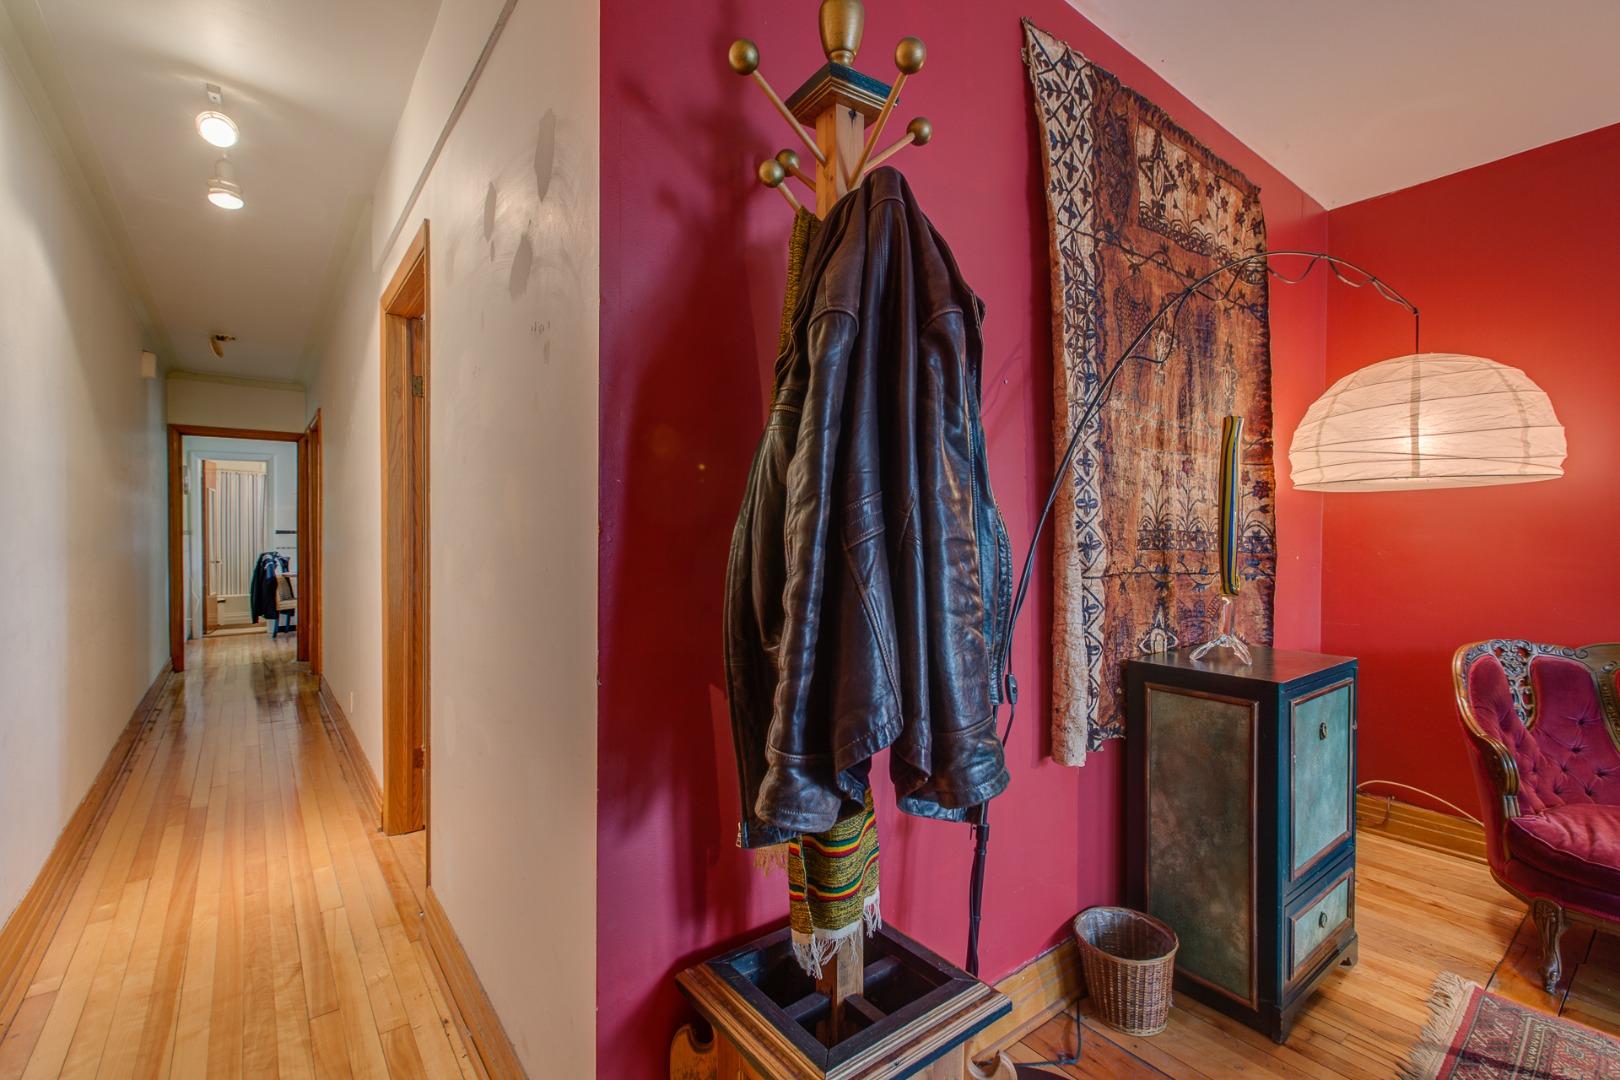 steve rouleau remax du cartier montr al 4 plex for sale montreal 1997 rue st zotique est. Black Bedroom Furniture Sets. Home Design Ideas